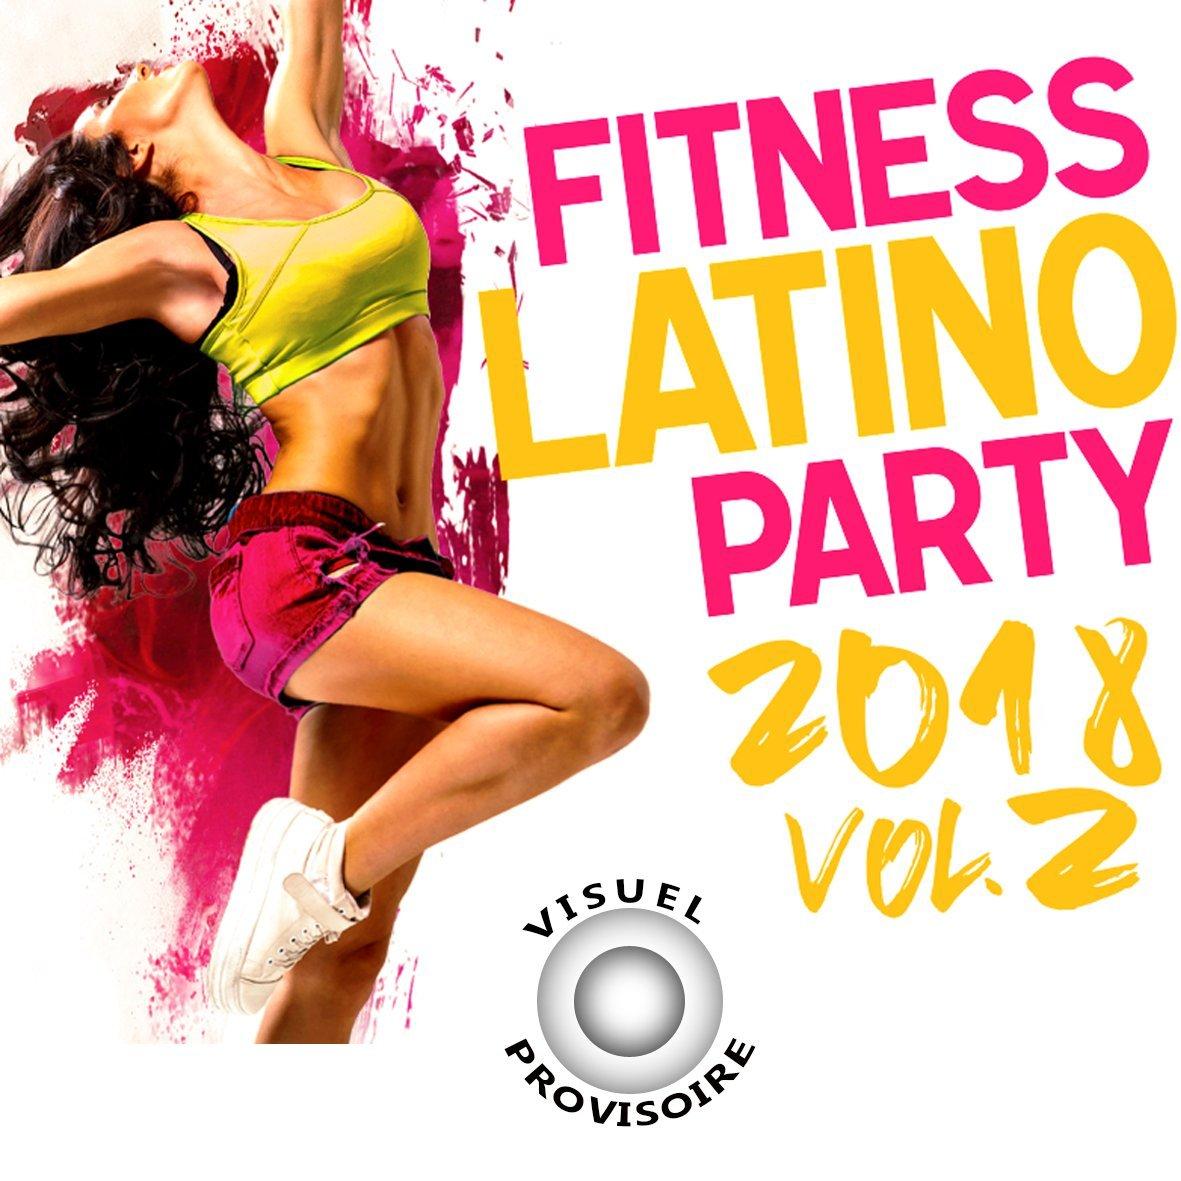 VA - Fitness Latino Party 2018 Vol 2 [3CD] (2018)